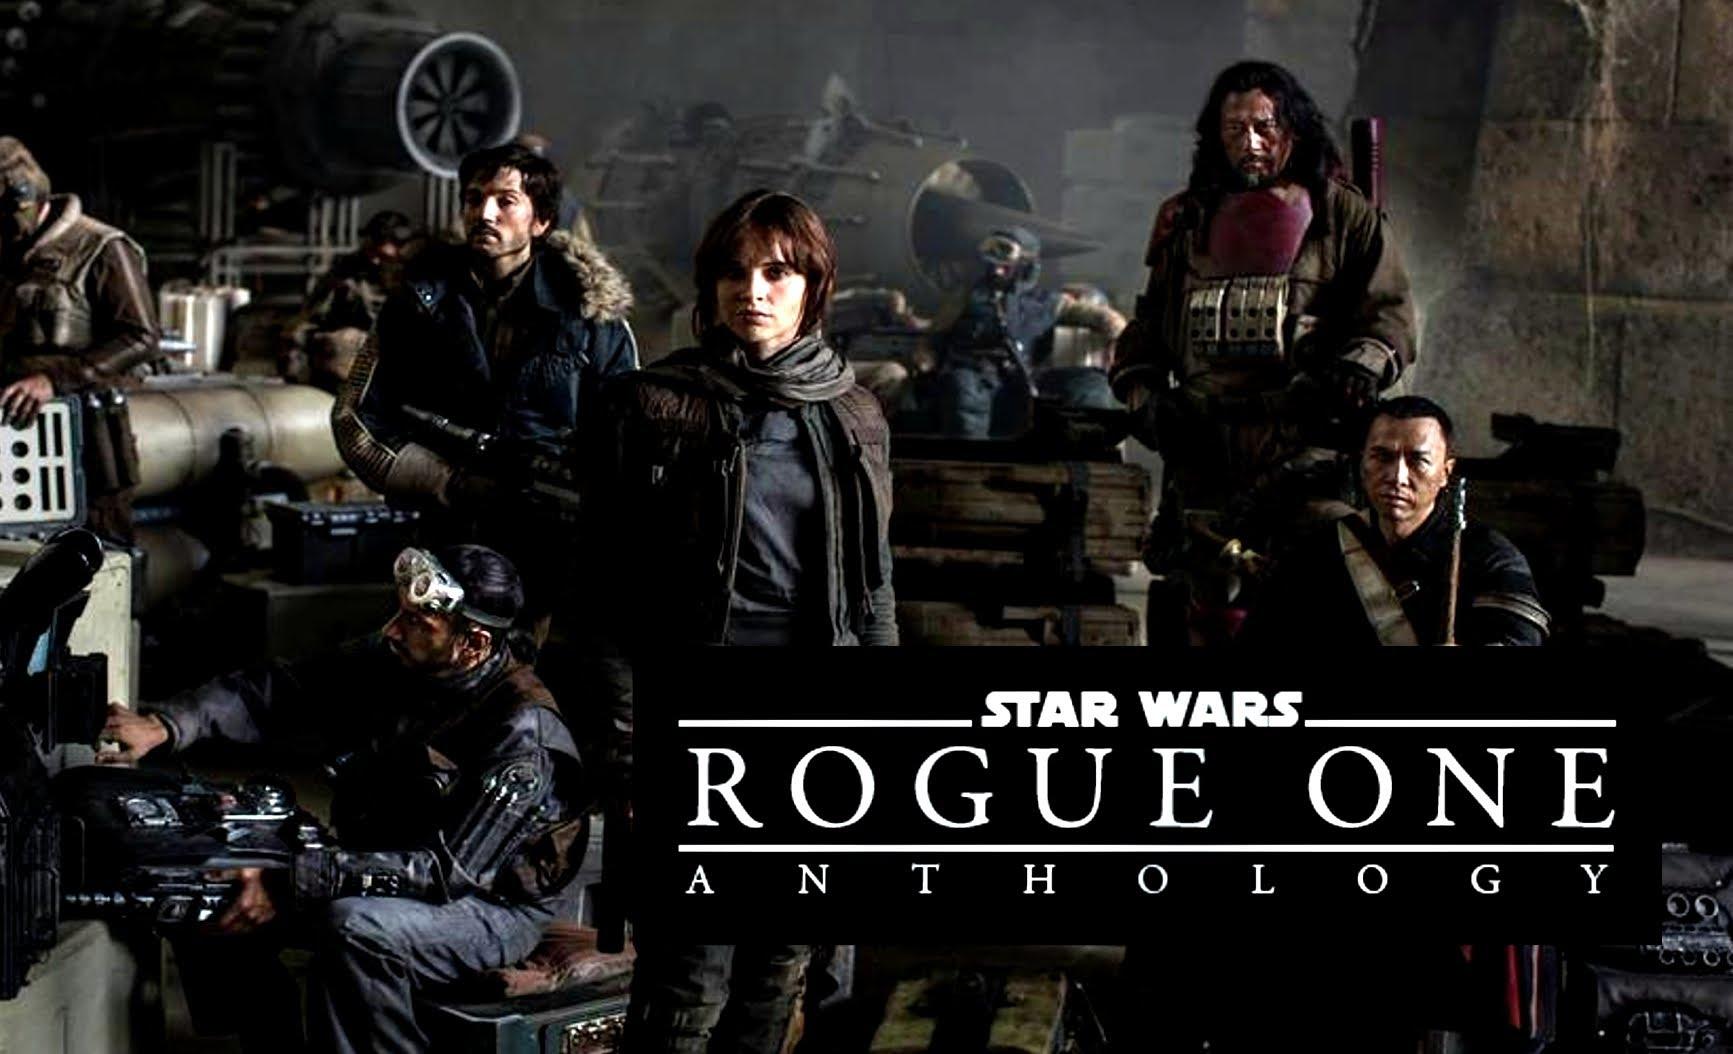 《 星際大戰 外傳 : 俠盜一號 》電影 海報 (Rogue One: A Star Wars Story)